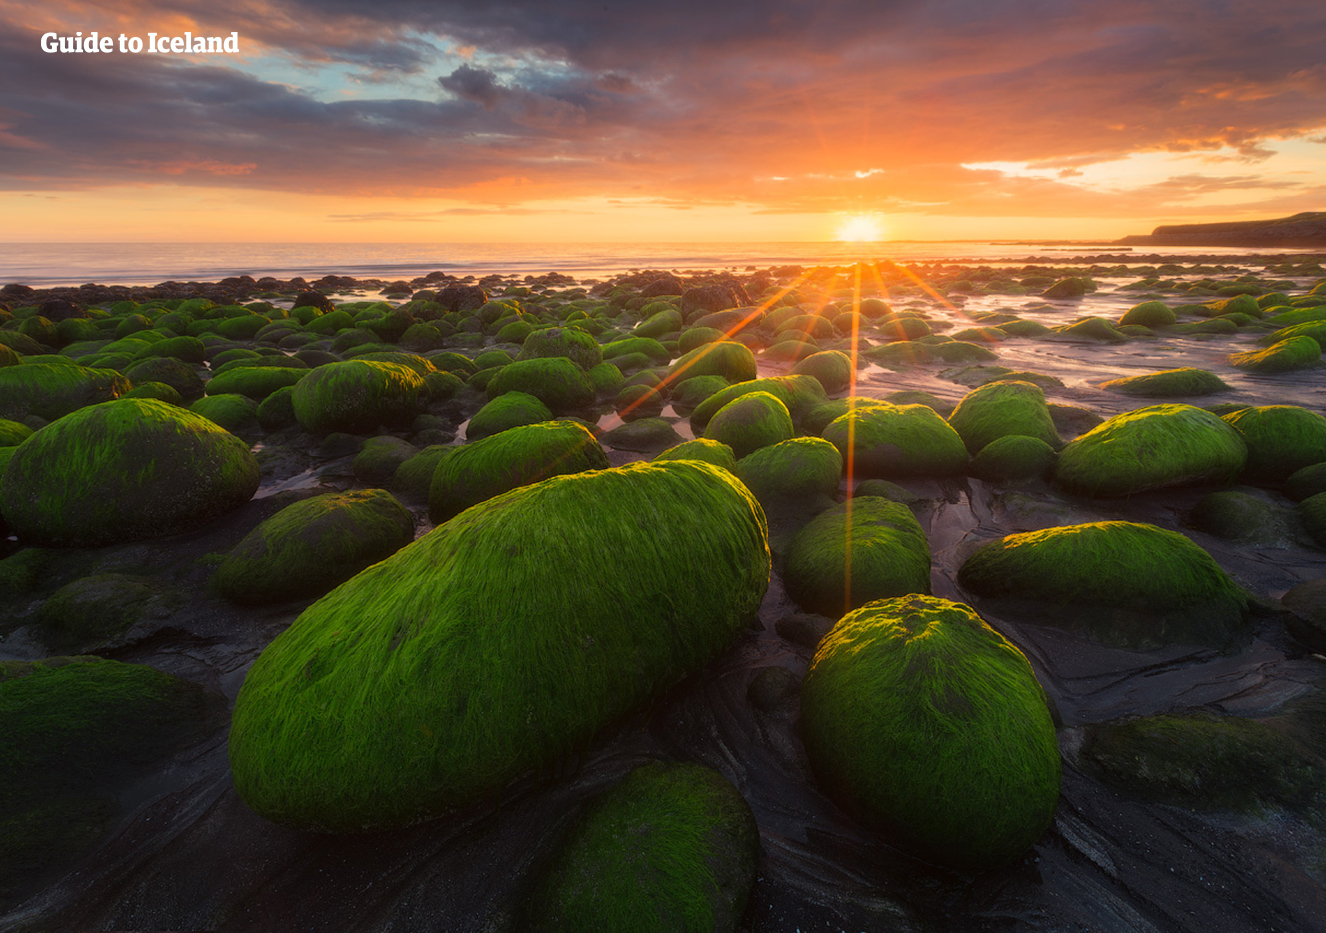 冰岛雷克雅内斯半岛上的午夜阳光